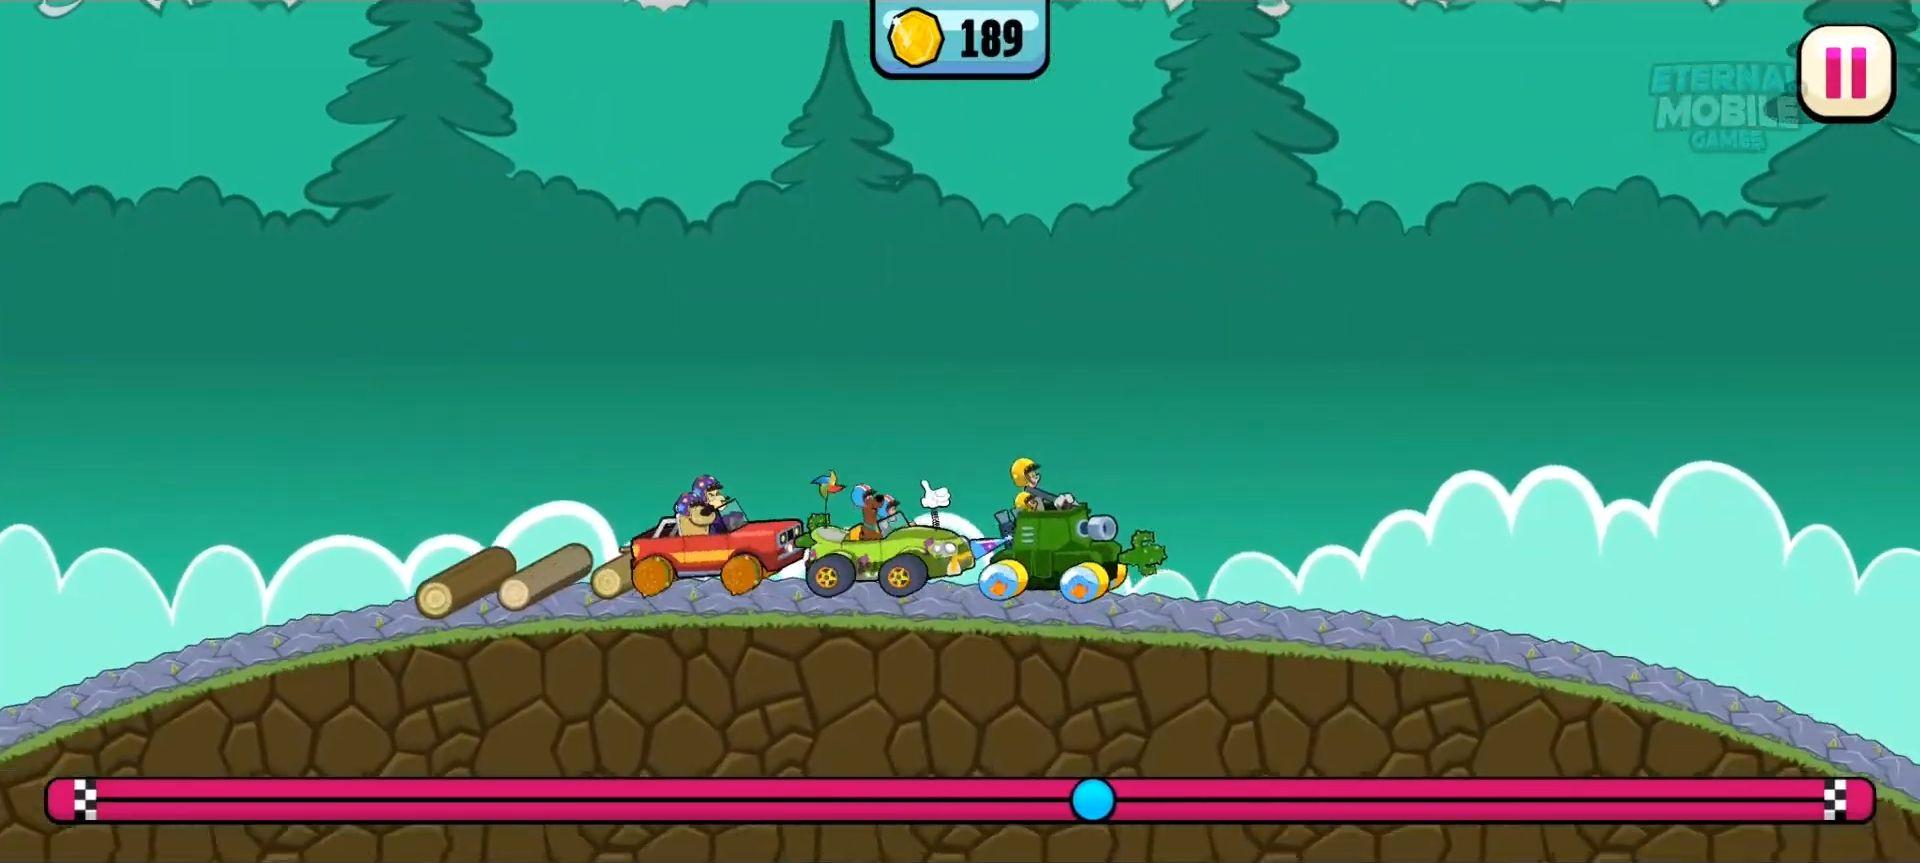 Boomerang Make and Race 2 - Cartoon Racing Game para Android